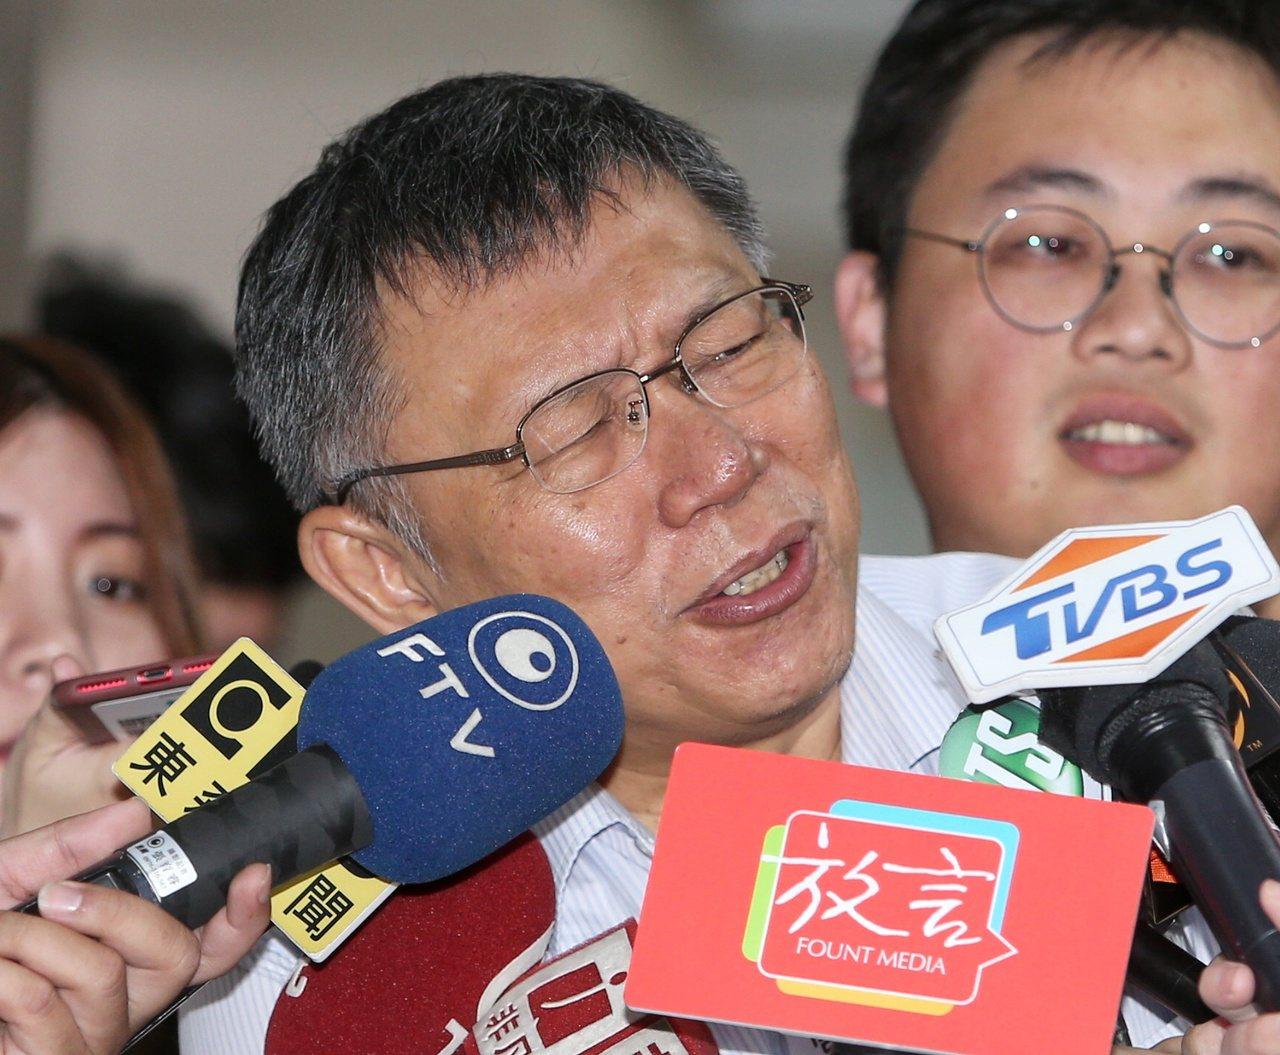 台北市議員鍾小平日前說柯文哲會選總統,他也會退出國民黨支持柯,柯市長上午面對相關...